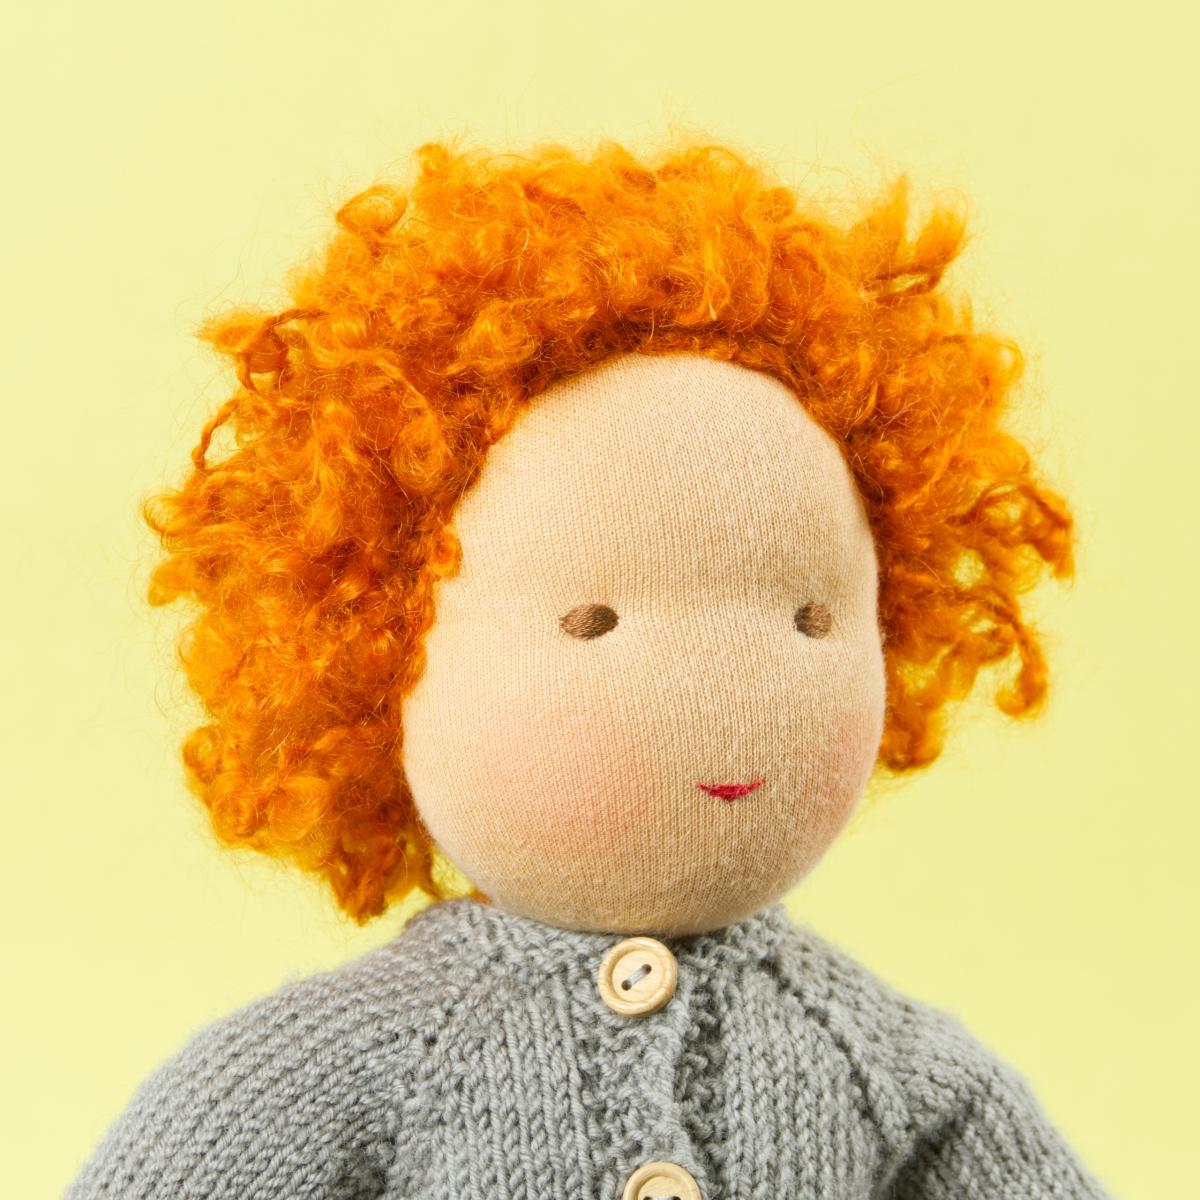 Puppe mit hellem Hautton nach Waldorf-Art, kurze rote Haare, gekleidet in grauen Strickanzug